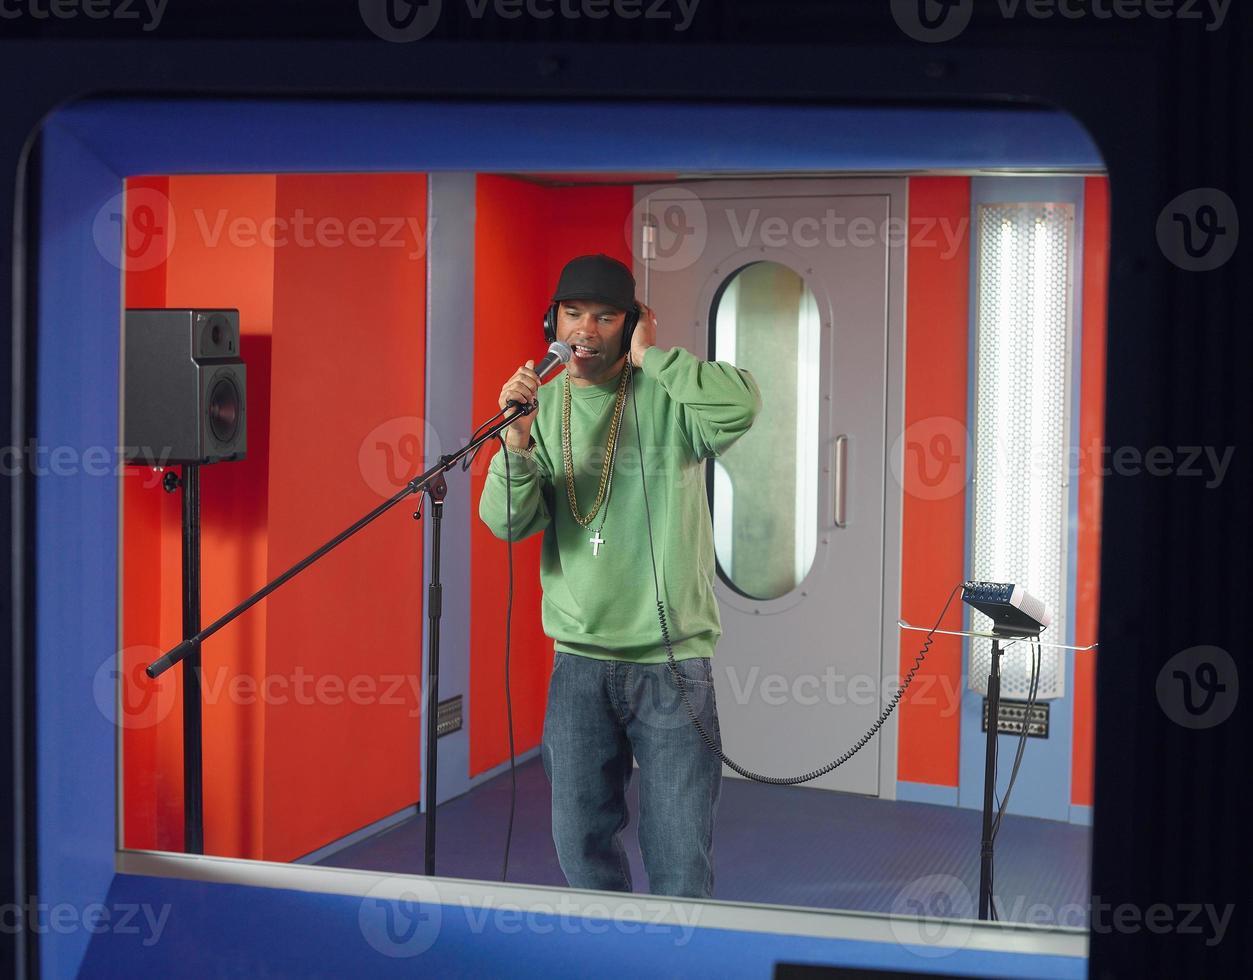 giovane che canta nello studio foto